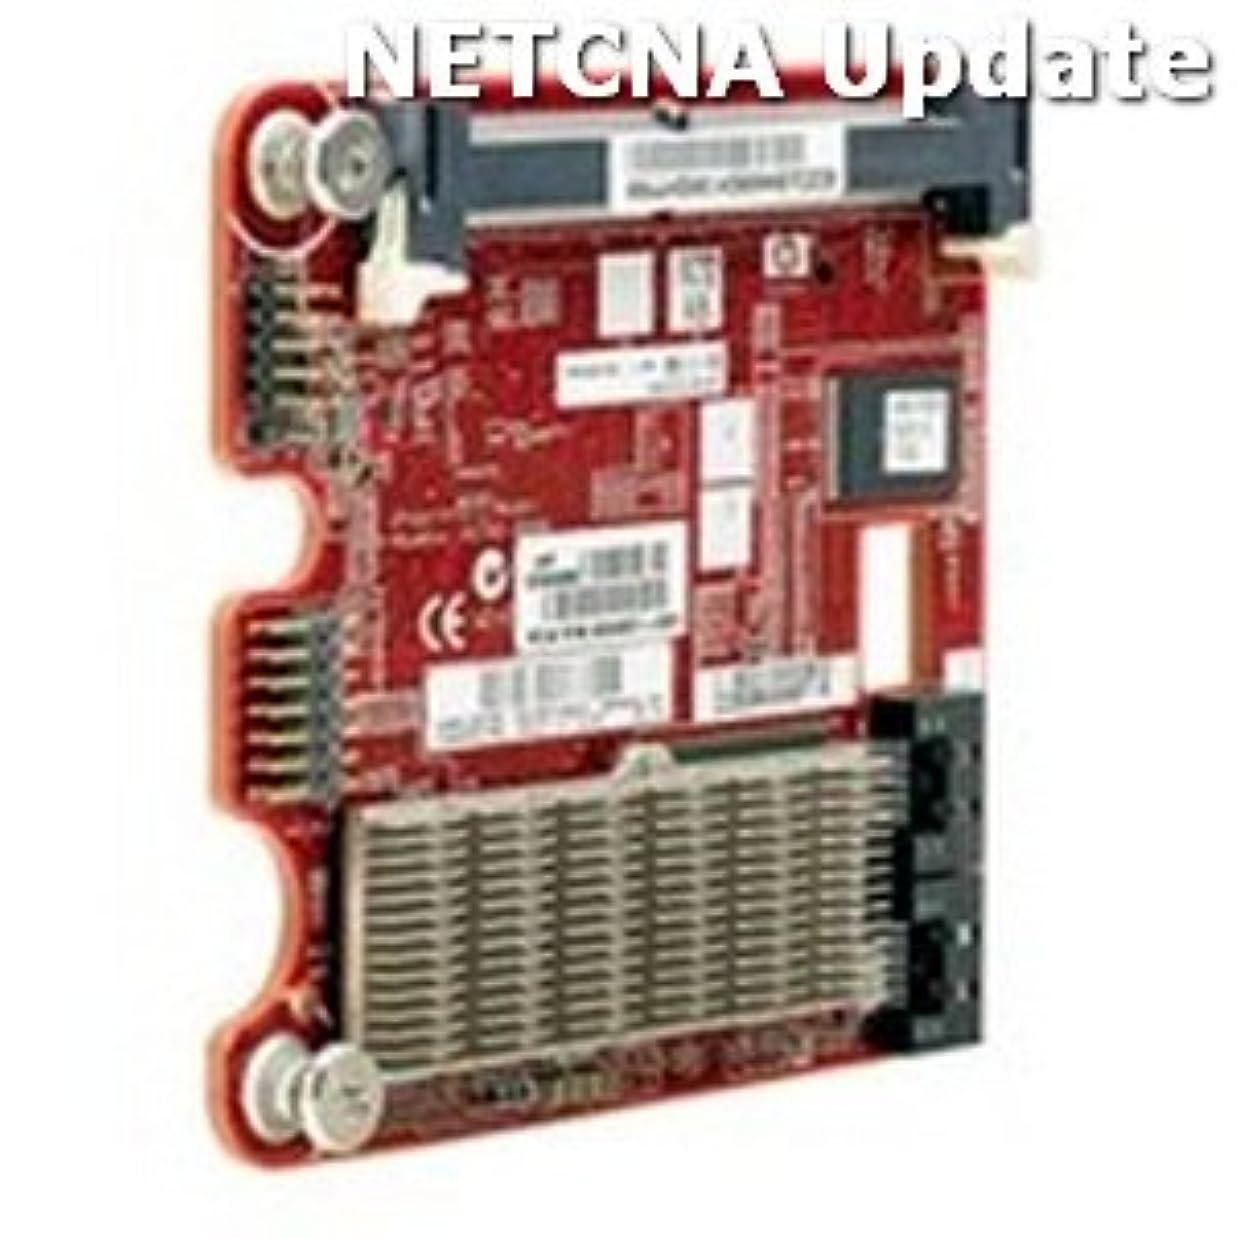 フック耐えられないゴミ484299-b21 HP Smartアレイp712 m / ZMコントローラー互換製品by NETCNA